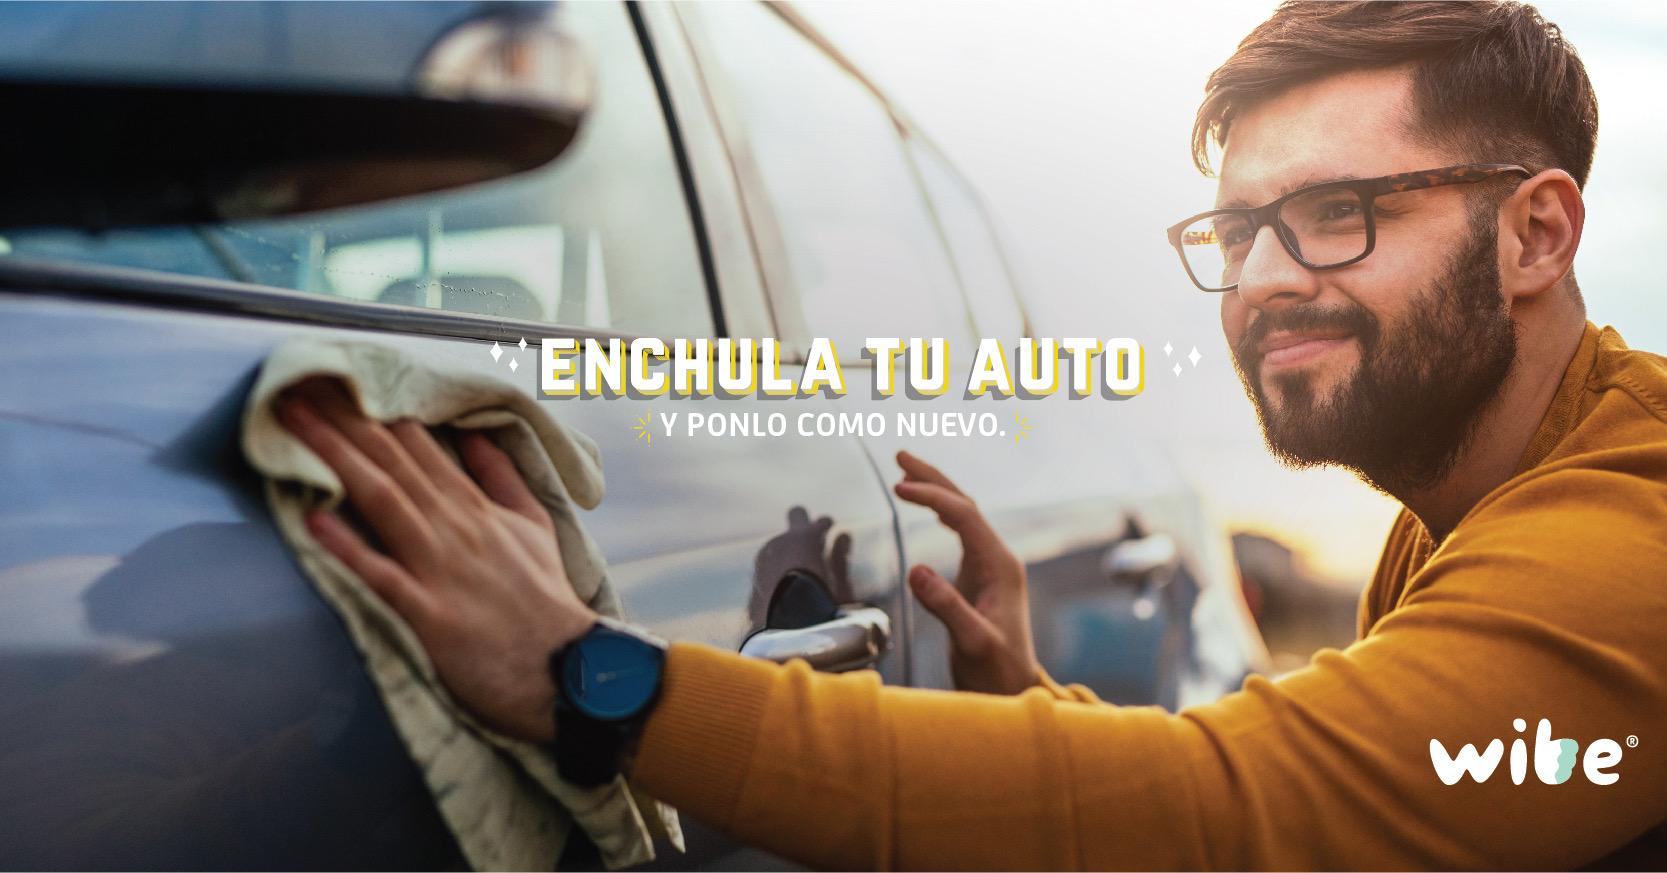 año nuevo, enchular auto, cómo darle una nueva apariencia a mi carro, tips para darle una manita de gato a mi auto, wibe tips, seguro no sabías